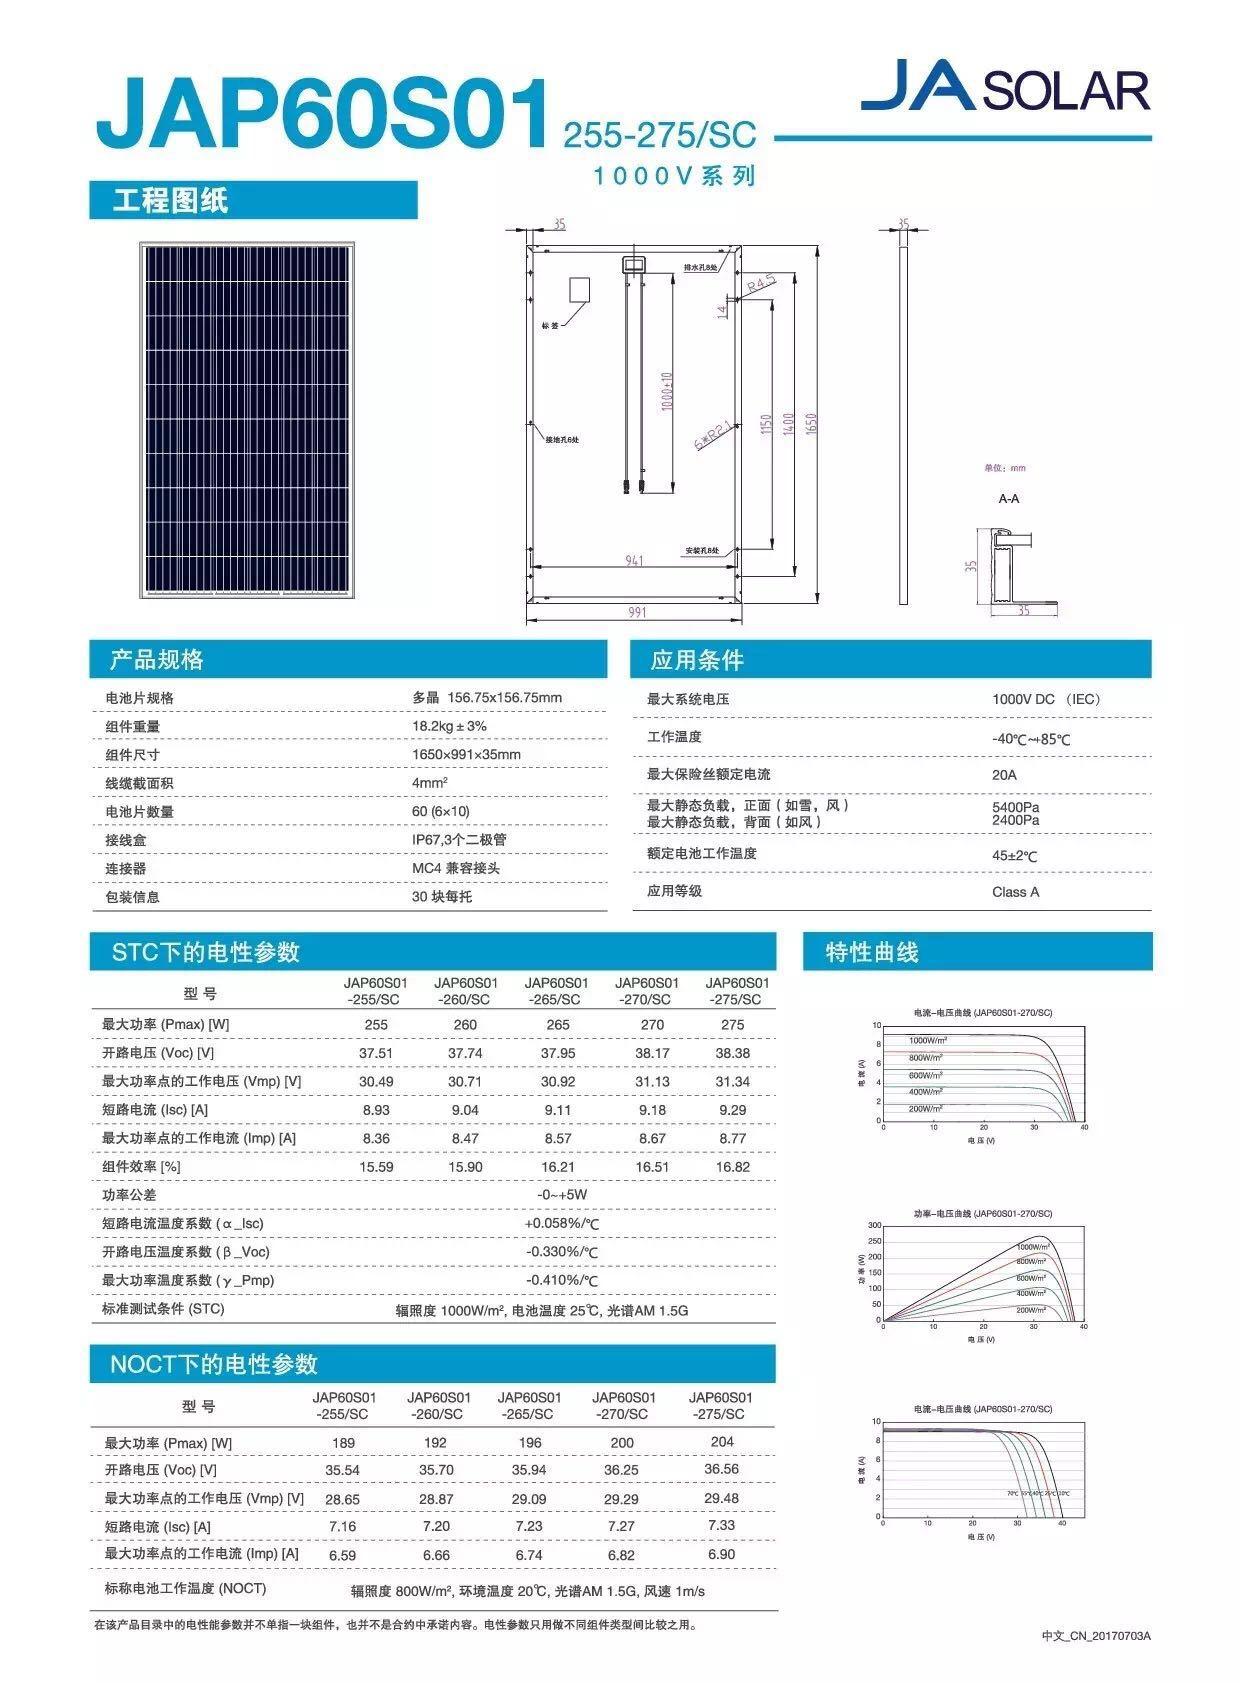 襄陽太陽能標準組件